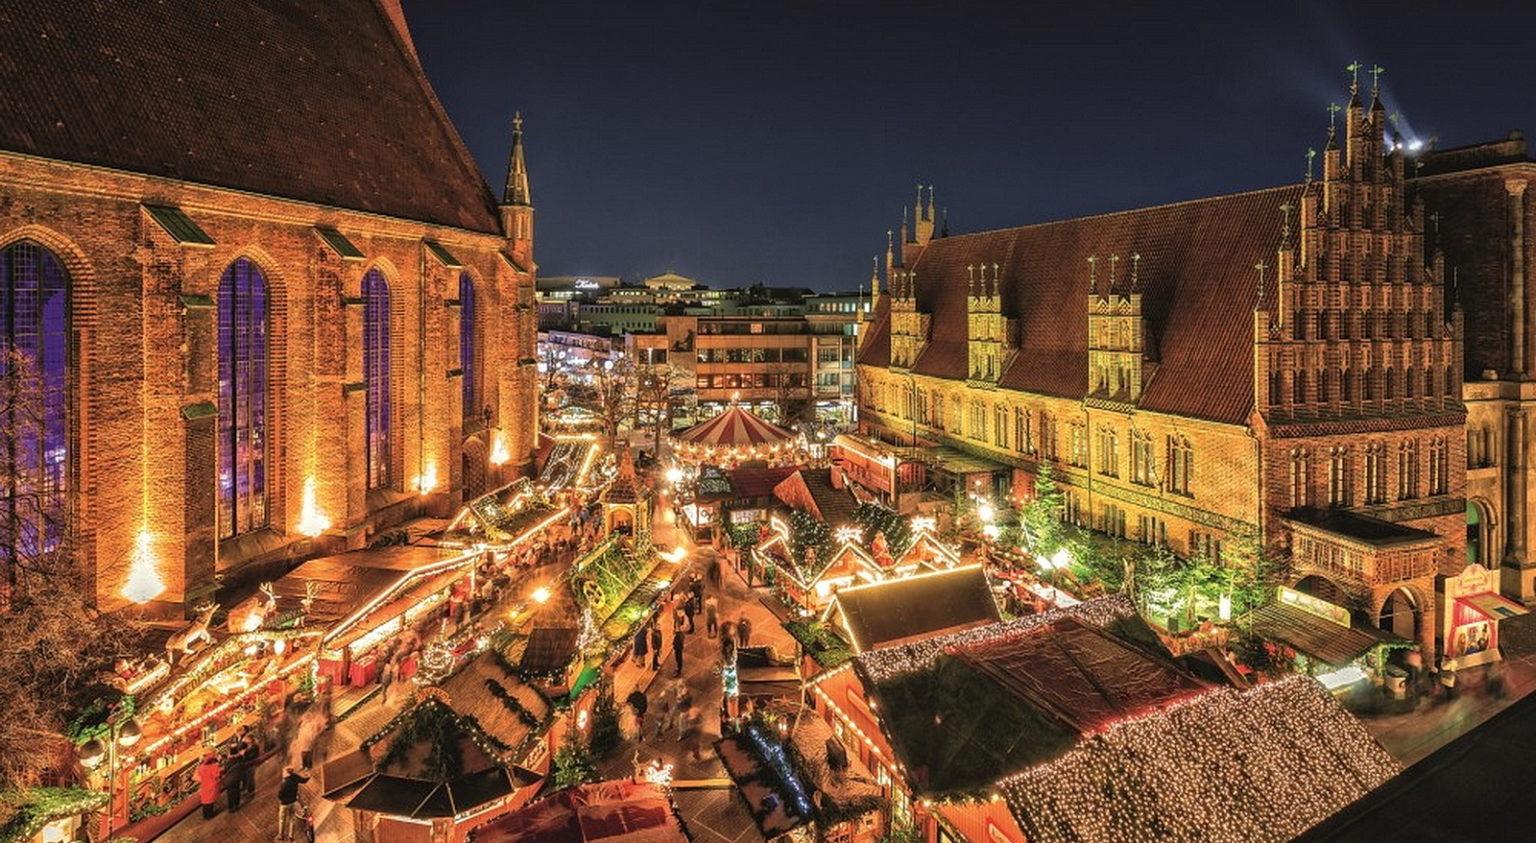 Julemarkedet i Hannover ©HMTG/ Lars Gerhardts